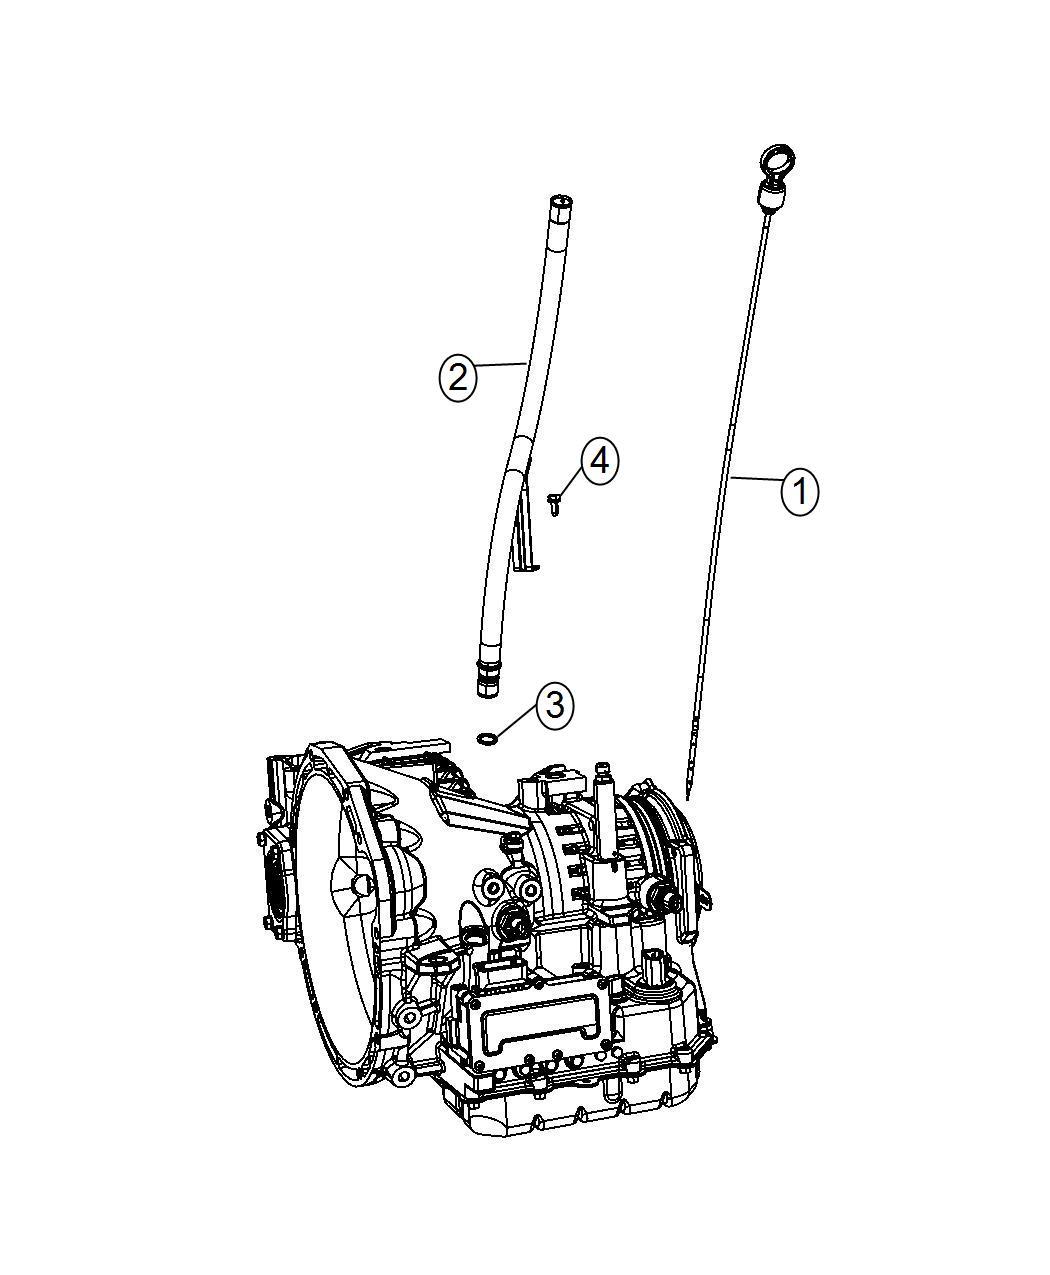 2014 Dodge Journey Indicator. Transmission fluid level